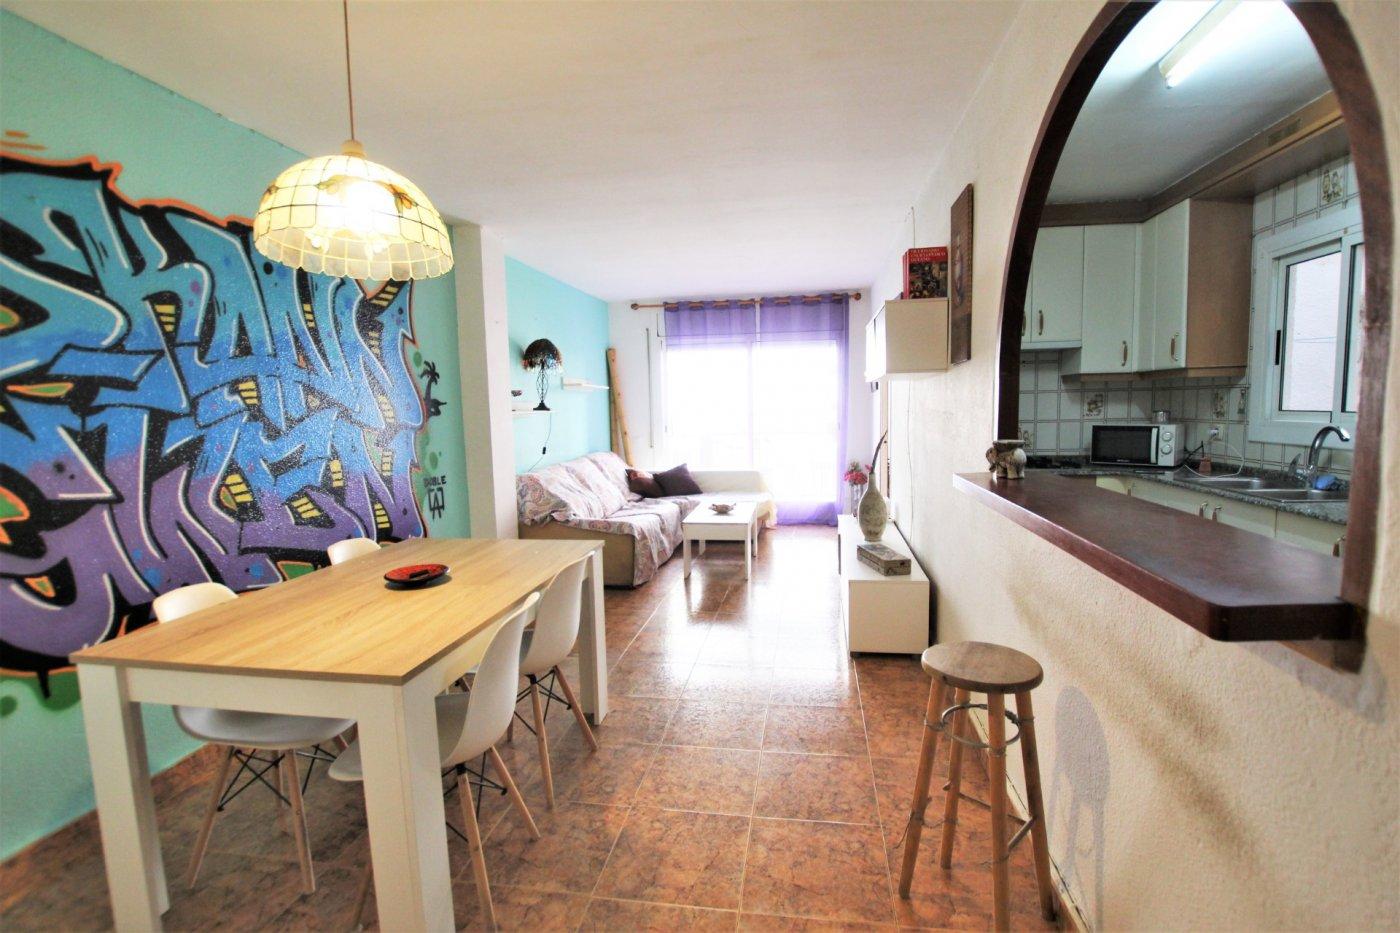 Appartement  El vendrell ,el tancat. Piso de 4 habitaciones en el tancat.